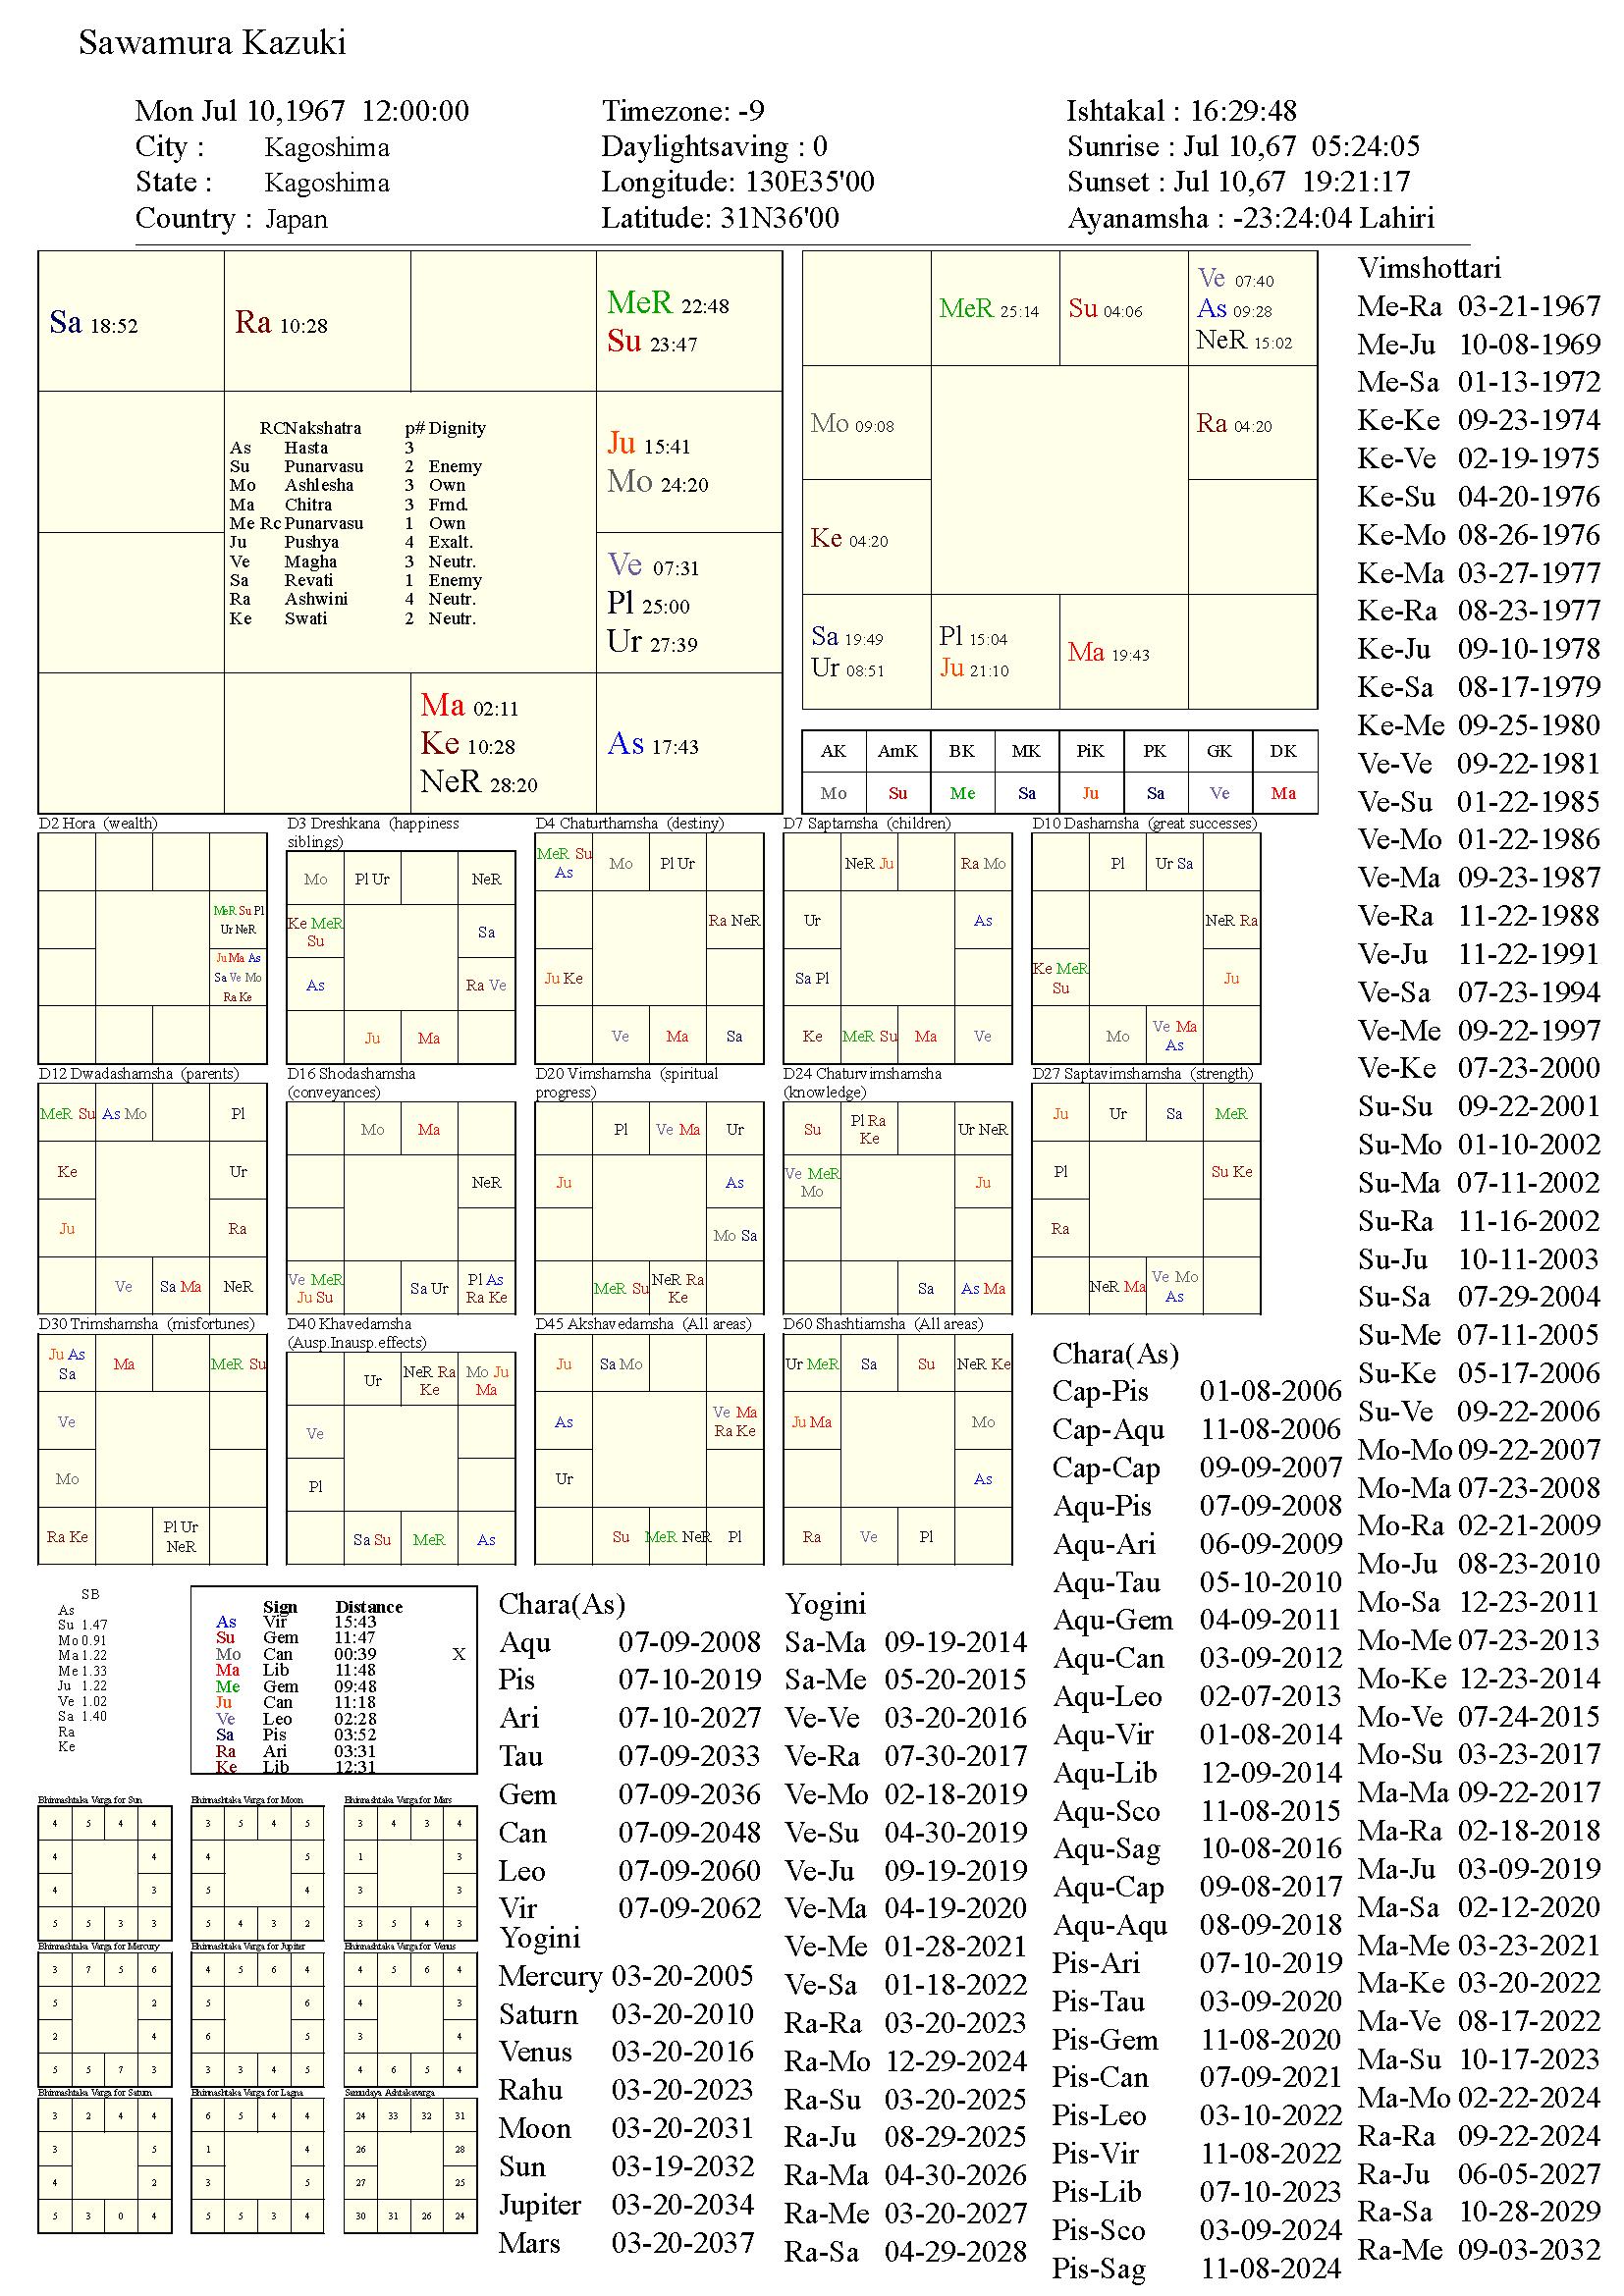 sawamurakazuki_chart